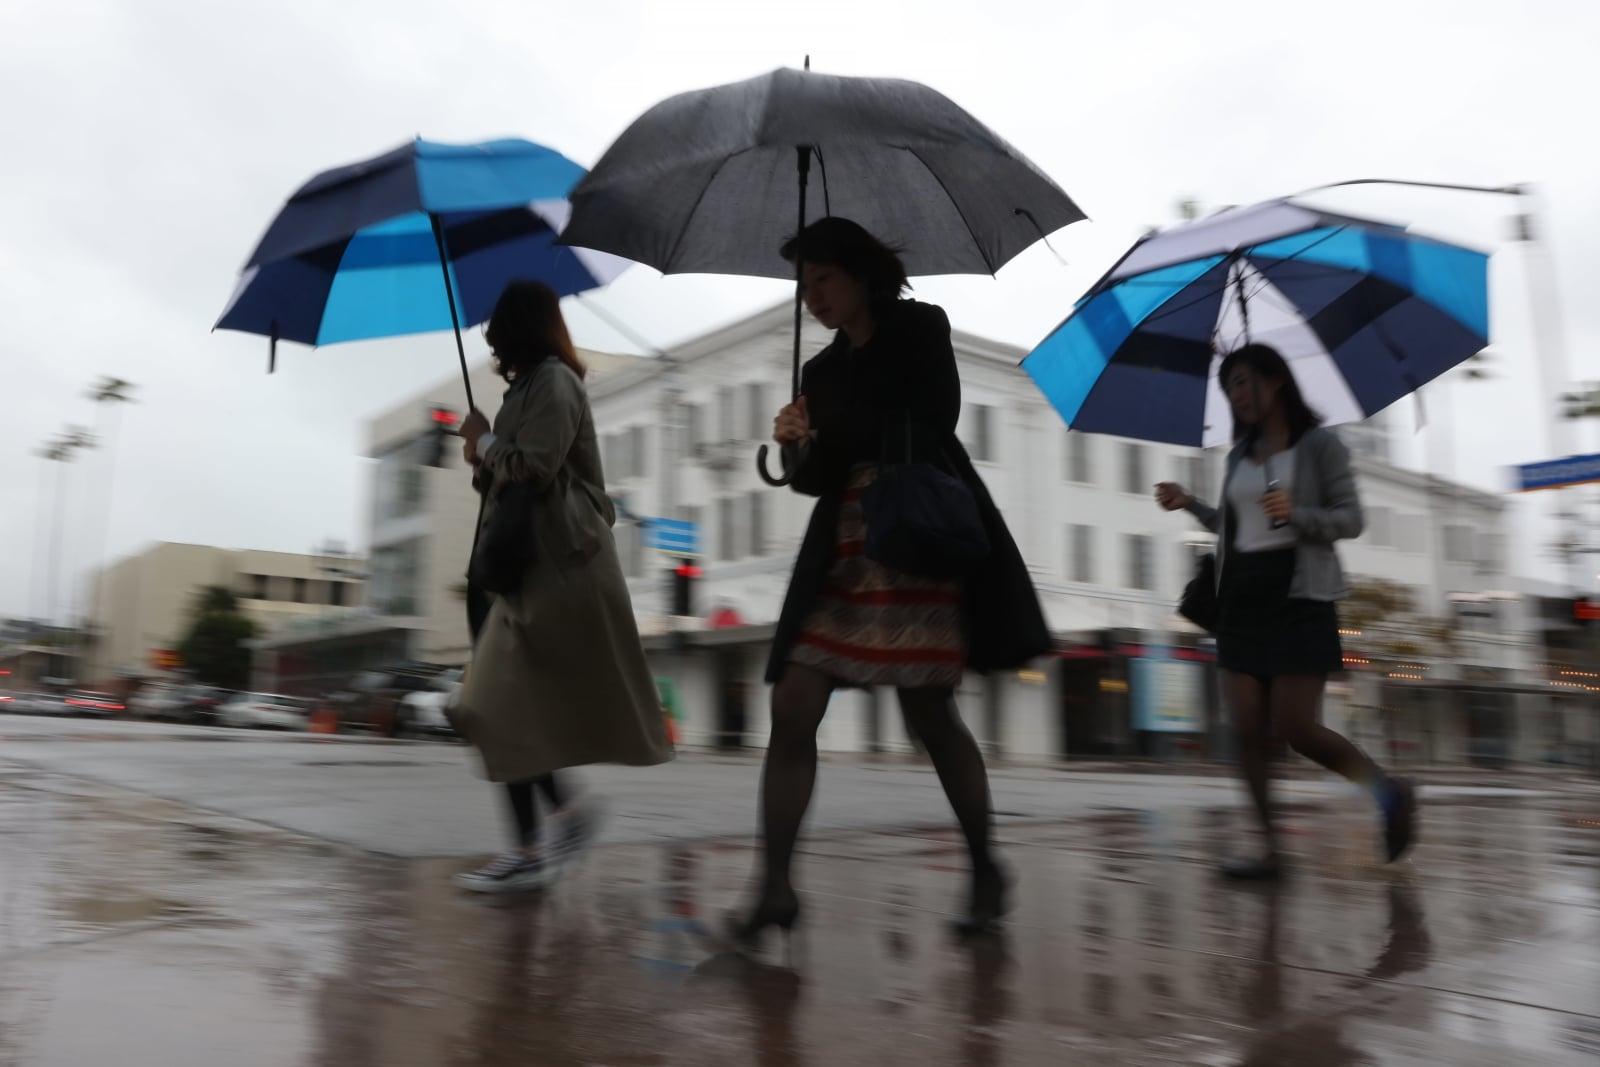 Pogoda w USA fot. EPA/ANDREW GOMBERT